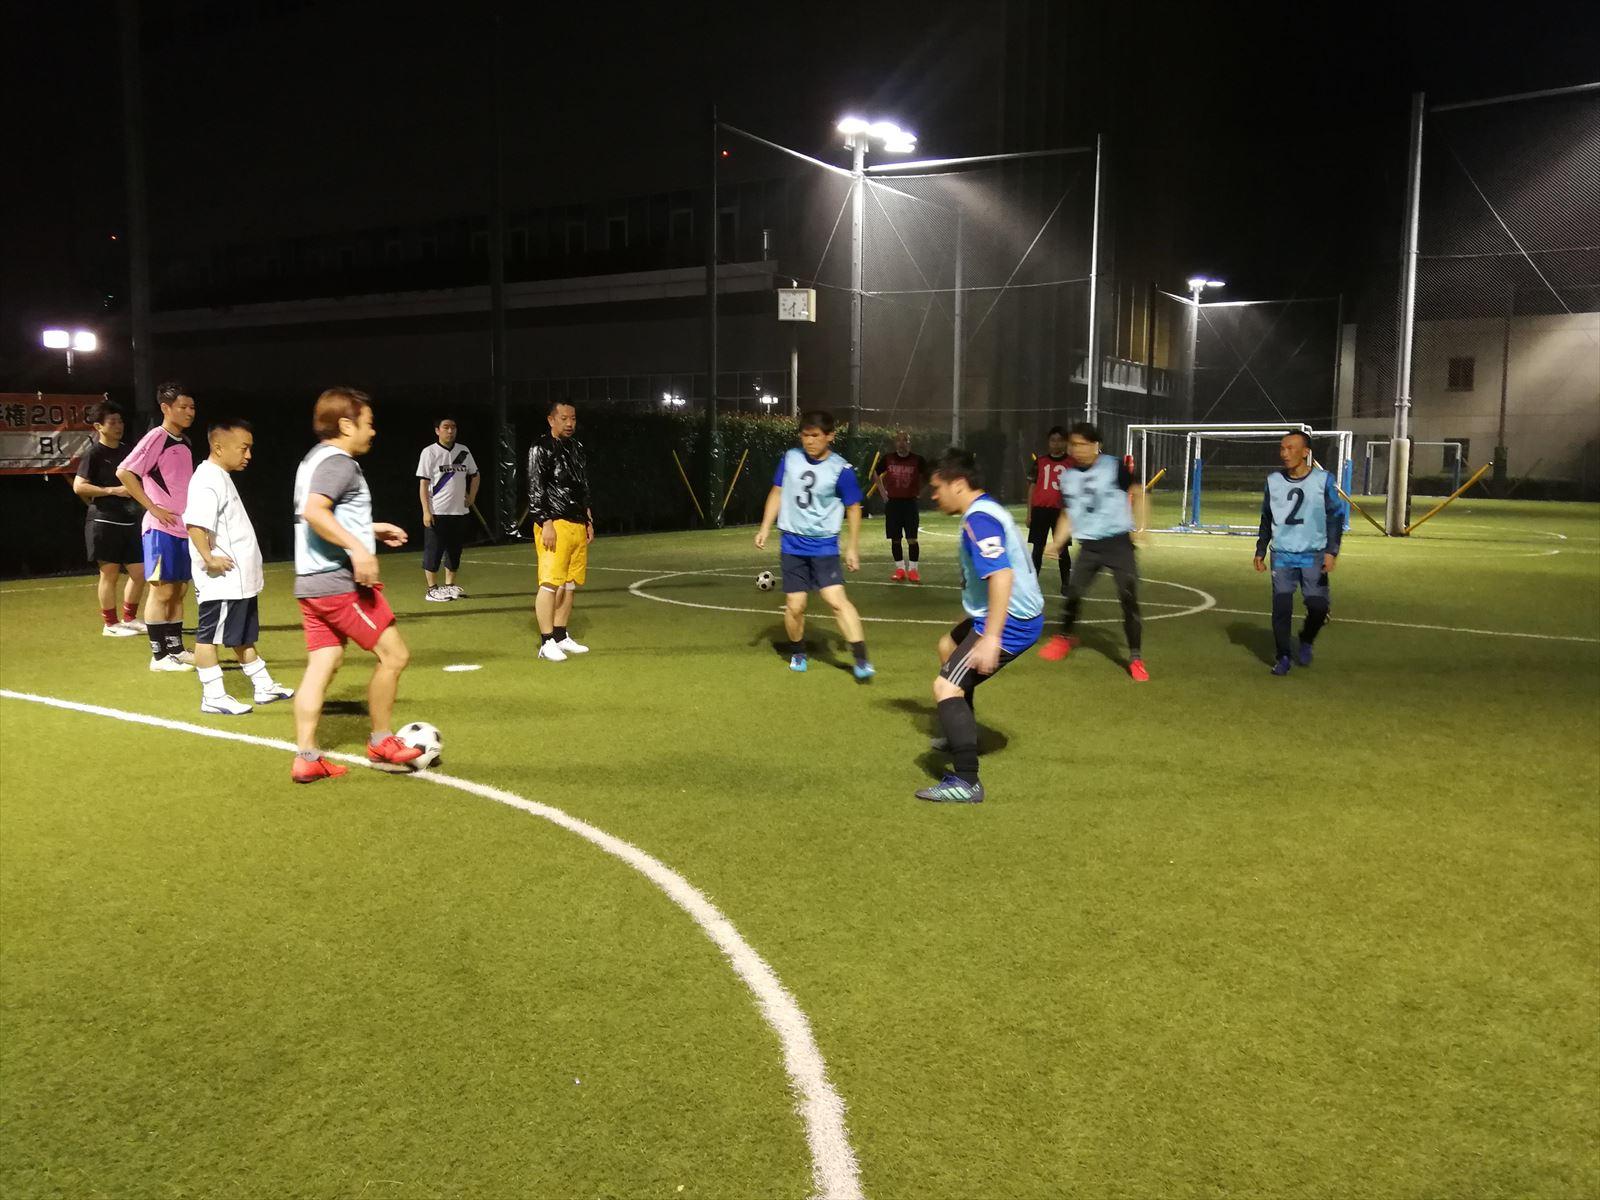 西が丘大人サッカー教室 2019年9月の活動スケジュール